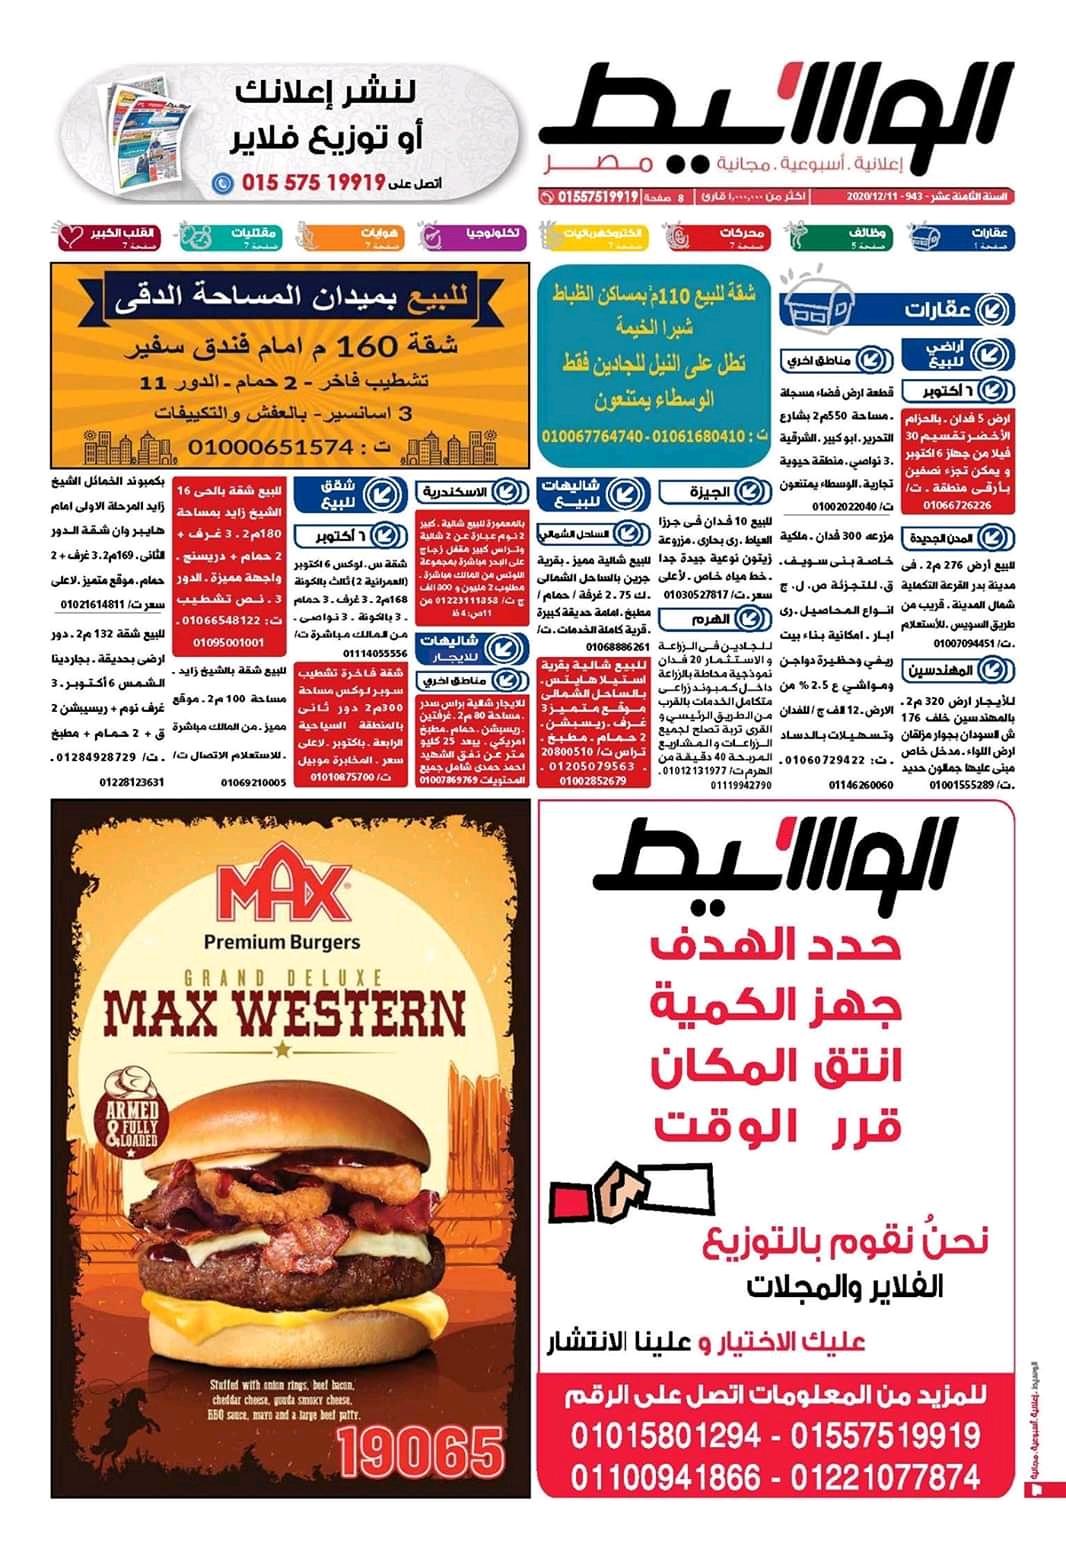 وظائف الوسيط و اعلانات مصر يوم الجمعة 11 ديسمبر 2020